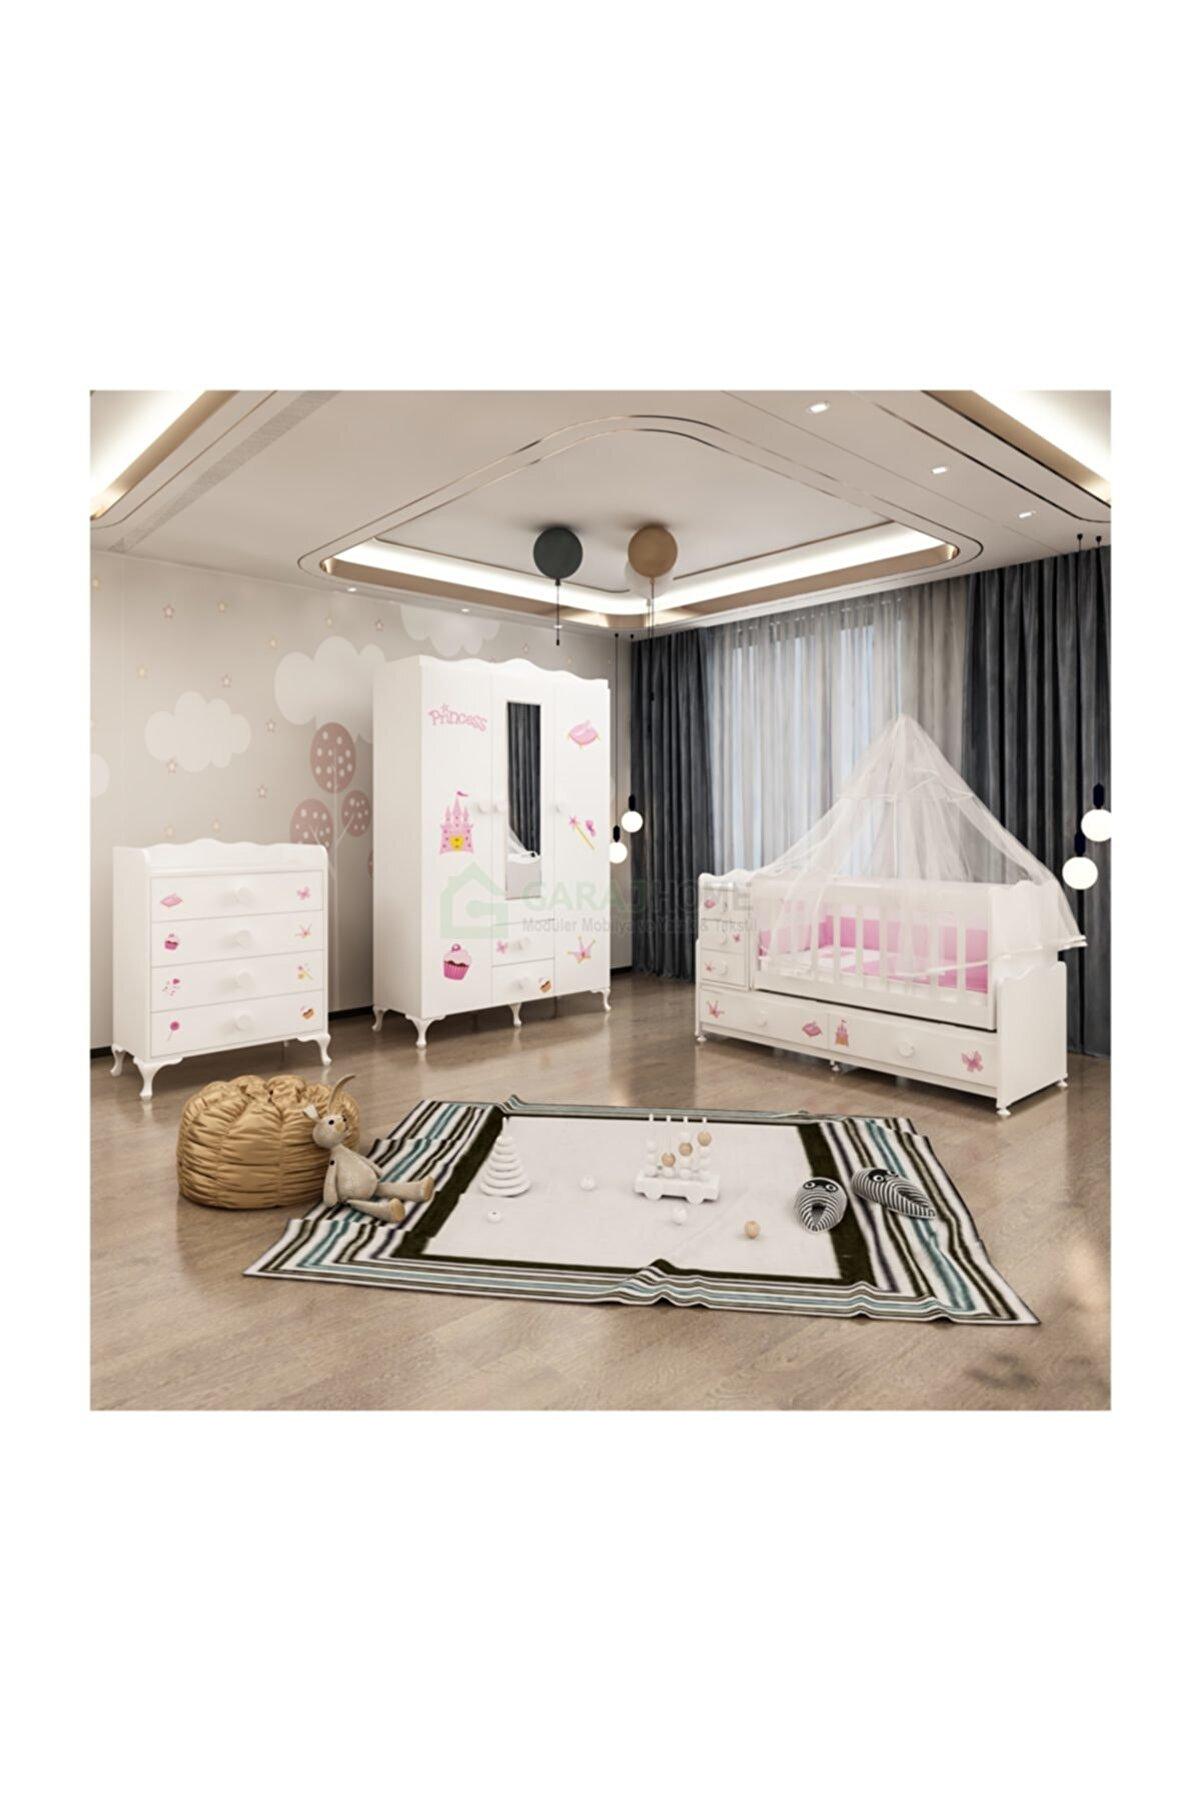 Garaj Home Kız Bebek Beyaz Melina Prenses Bebek Odası Takımı Yatak Ve Uyku Seti Kombini